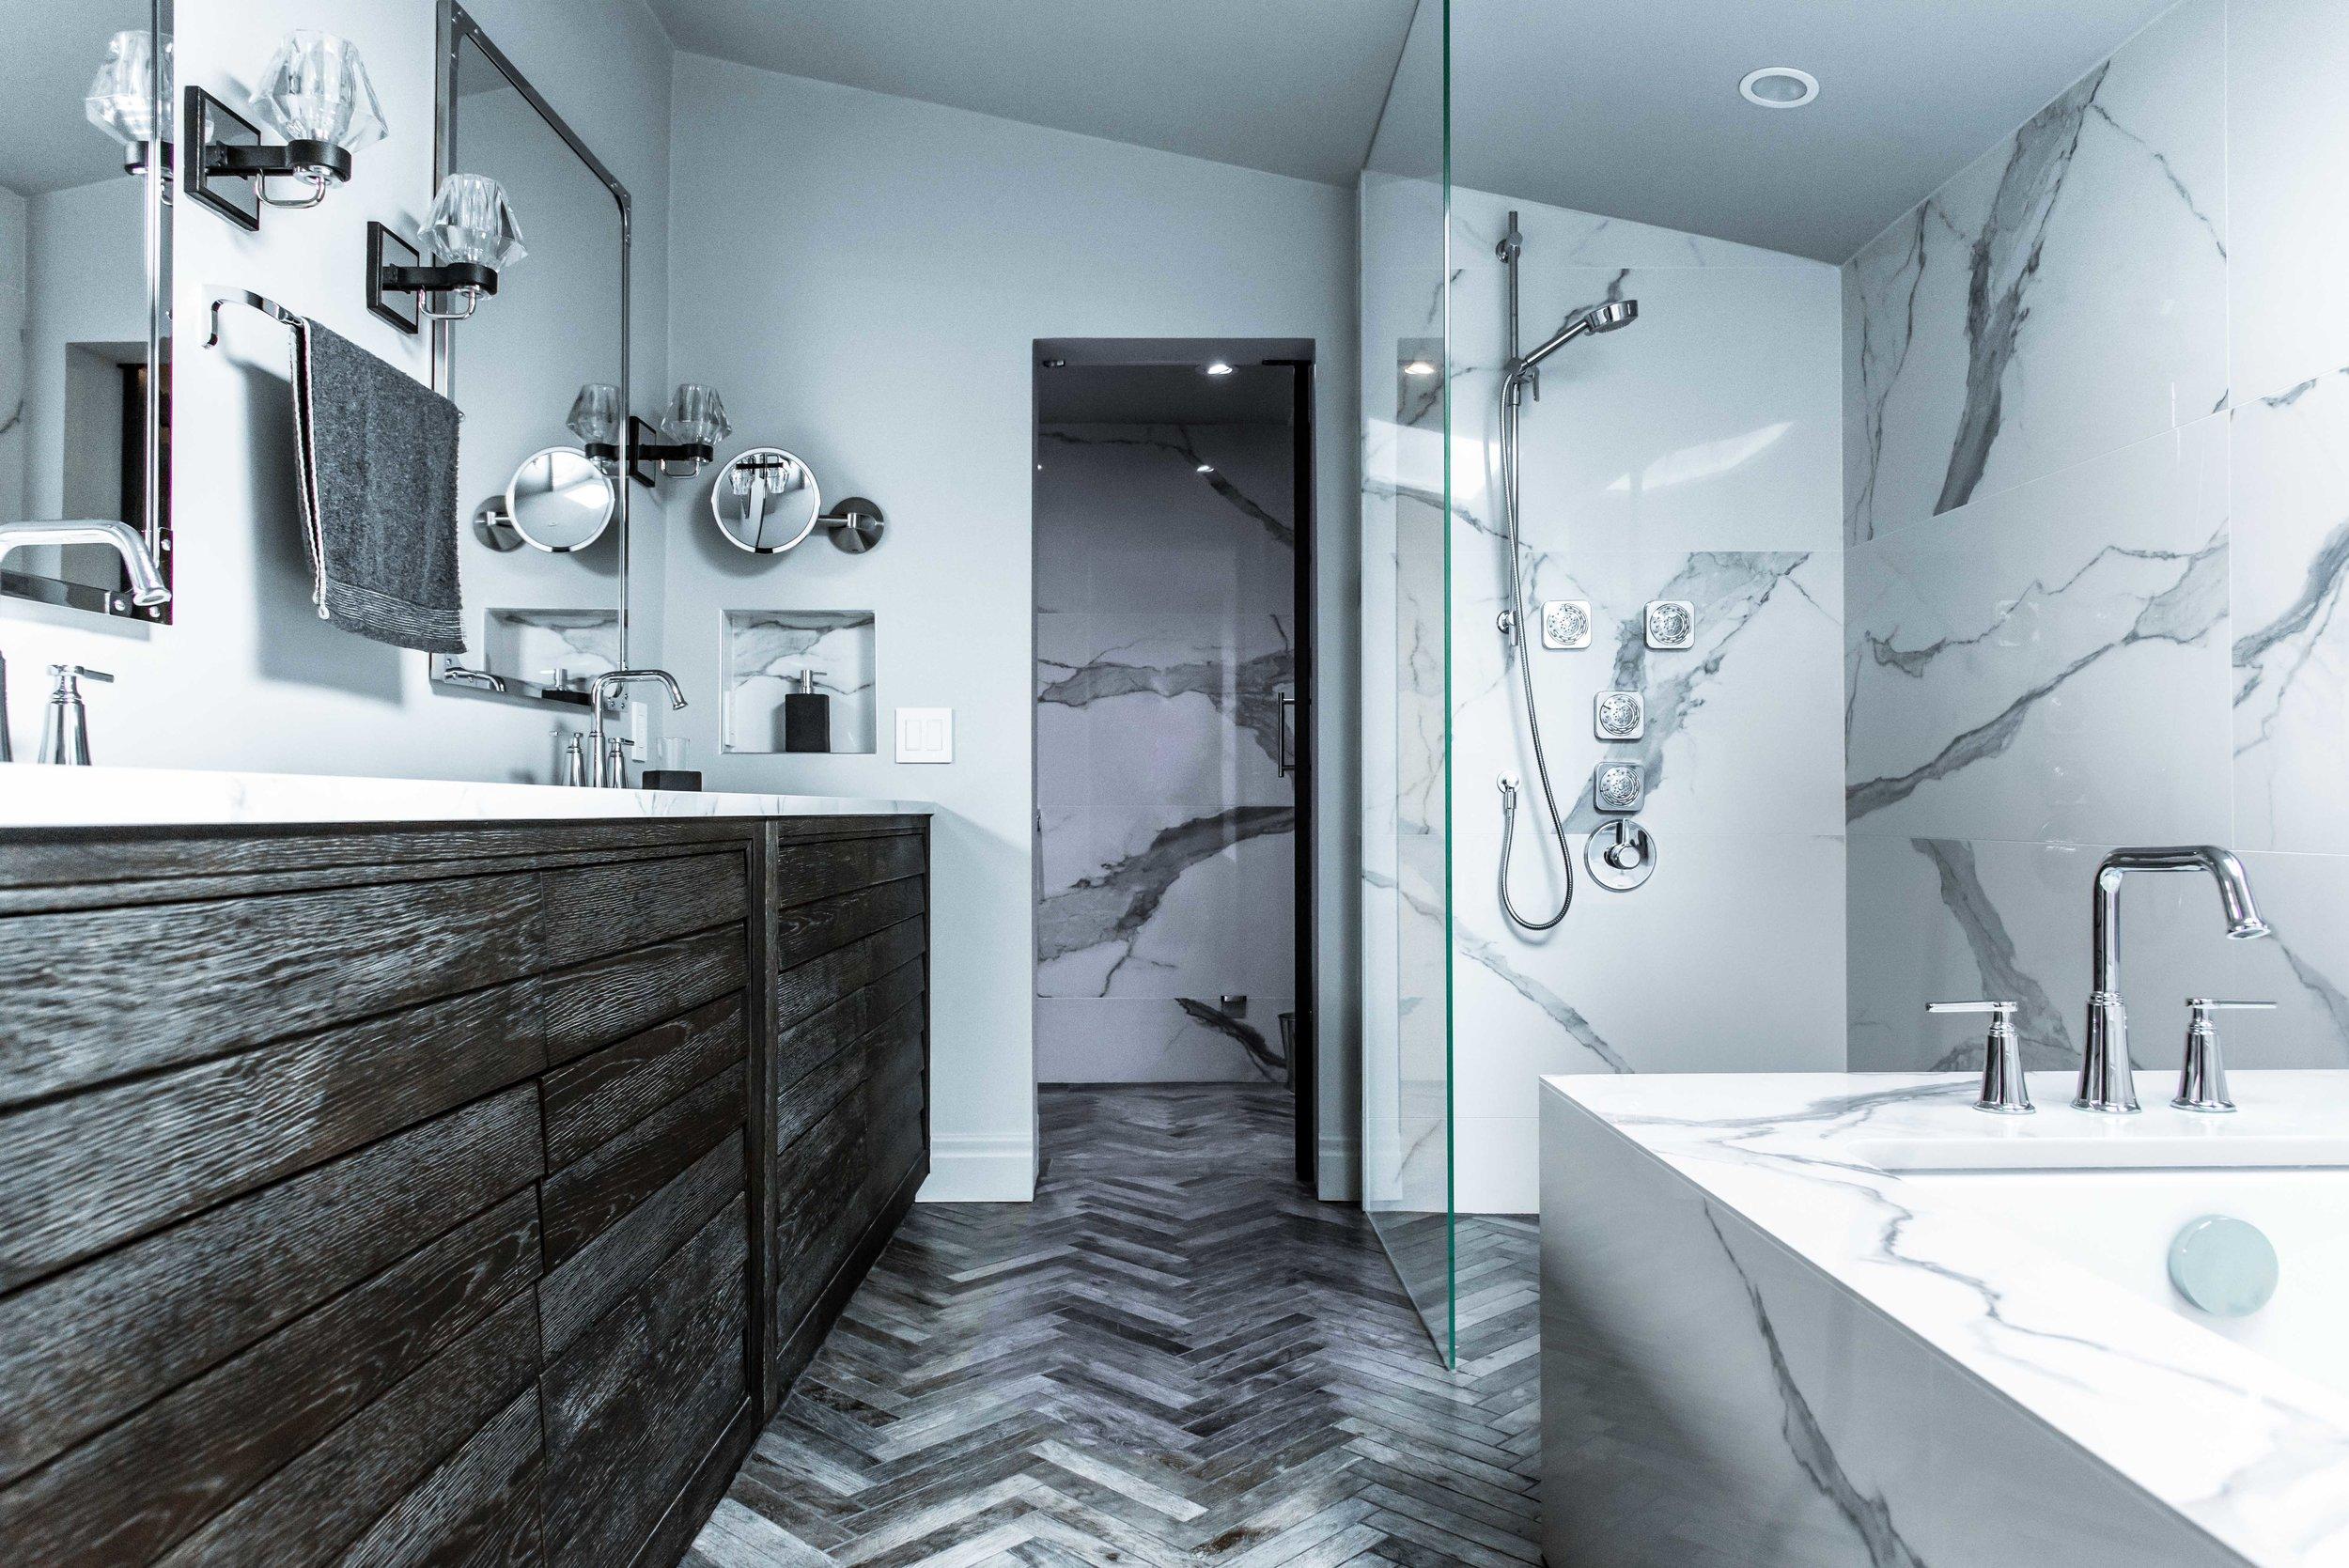 DSC_9035 - Bathroom Door Low.jpg